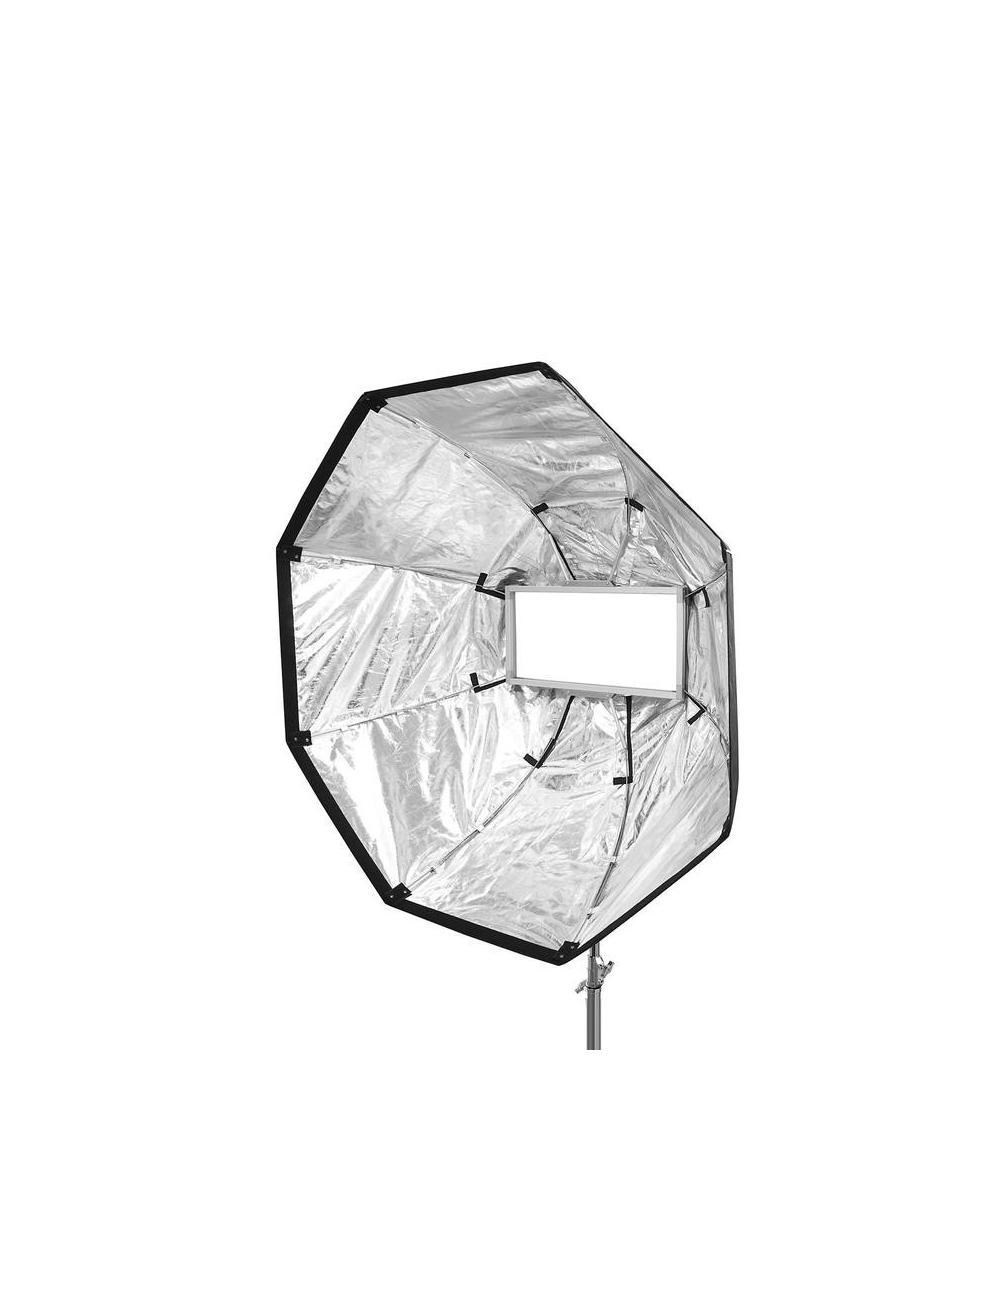 DOP Choice Snapbag® OCTA 5' RABBIT-EARS